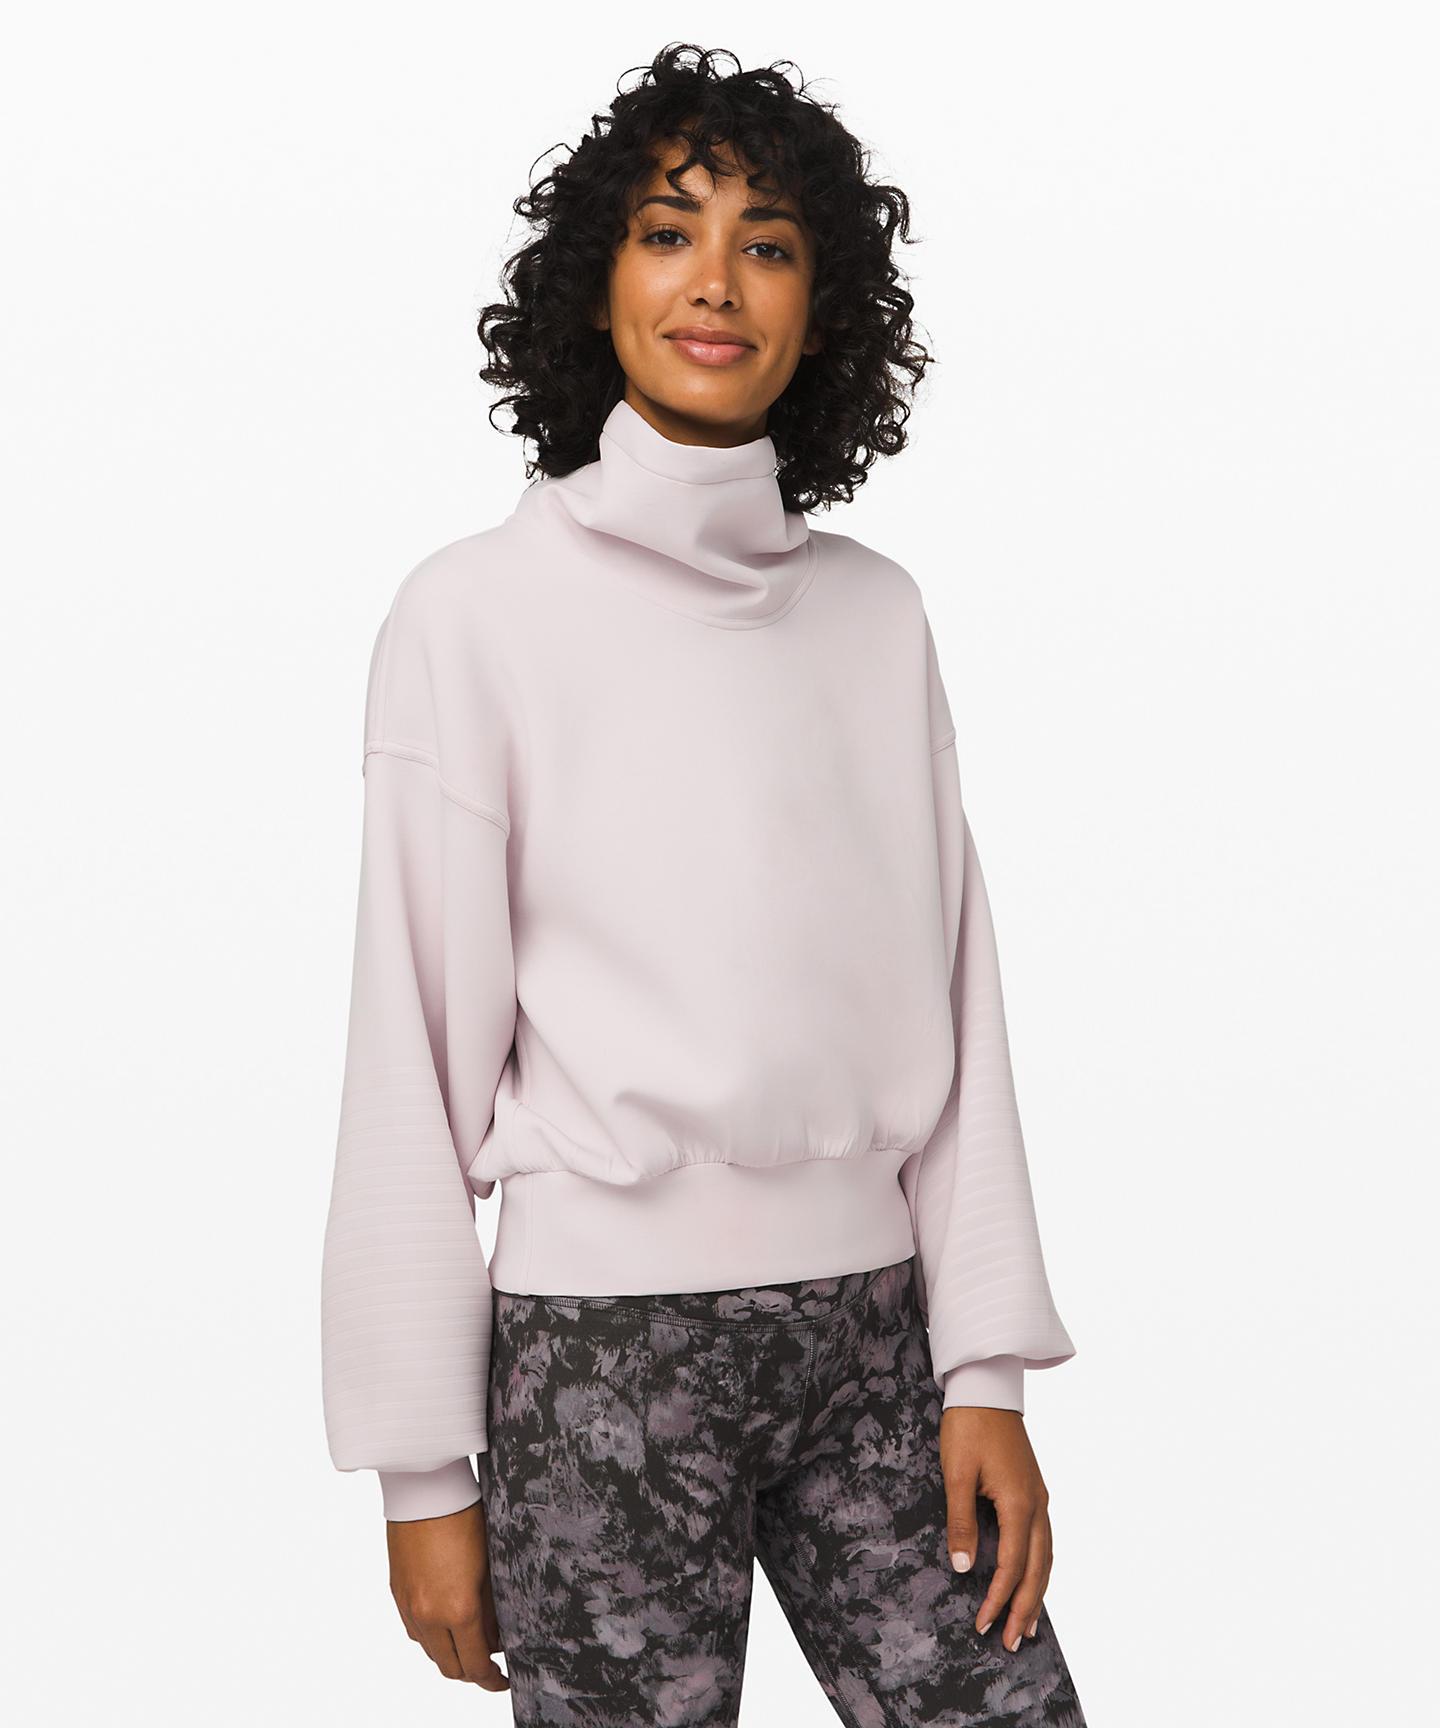 Full Flourish Pullover, The Last Lululemon Upload For 2019